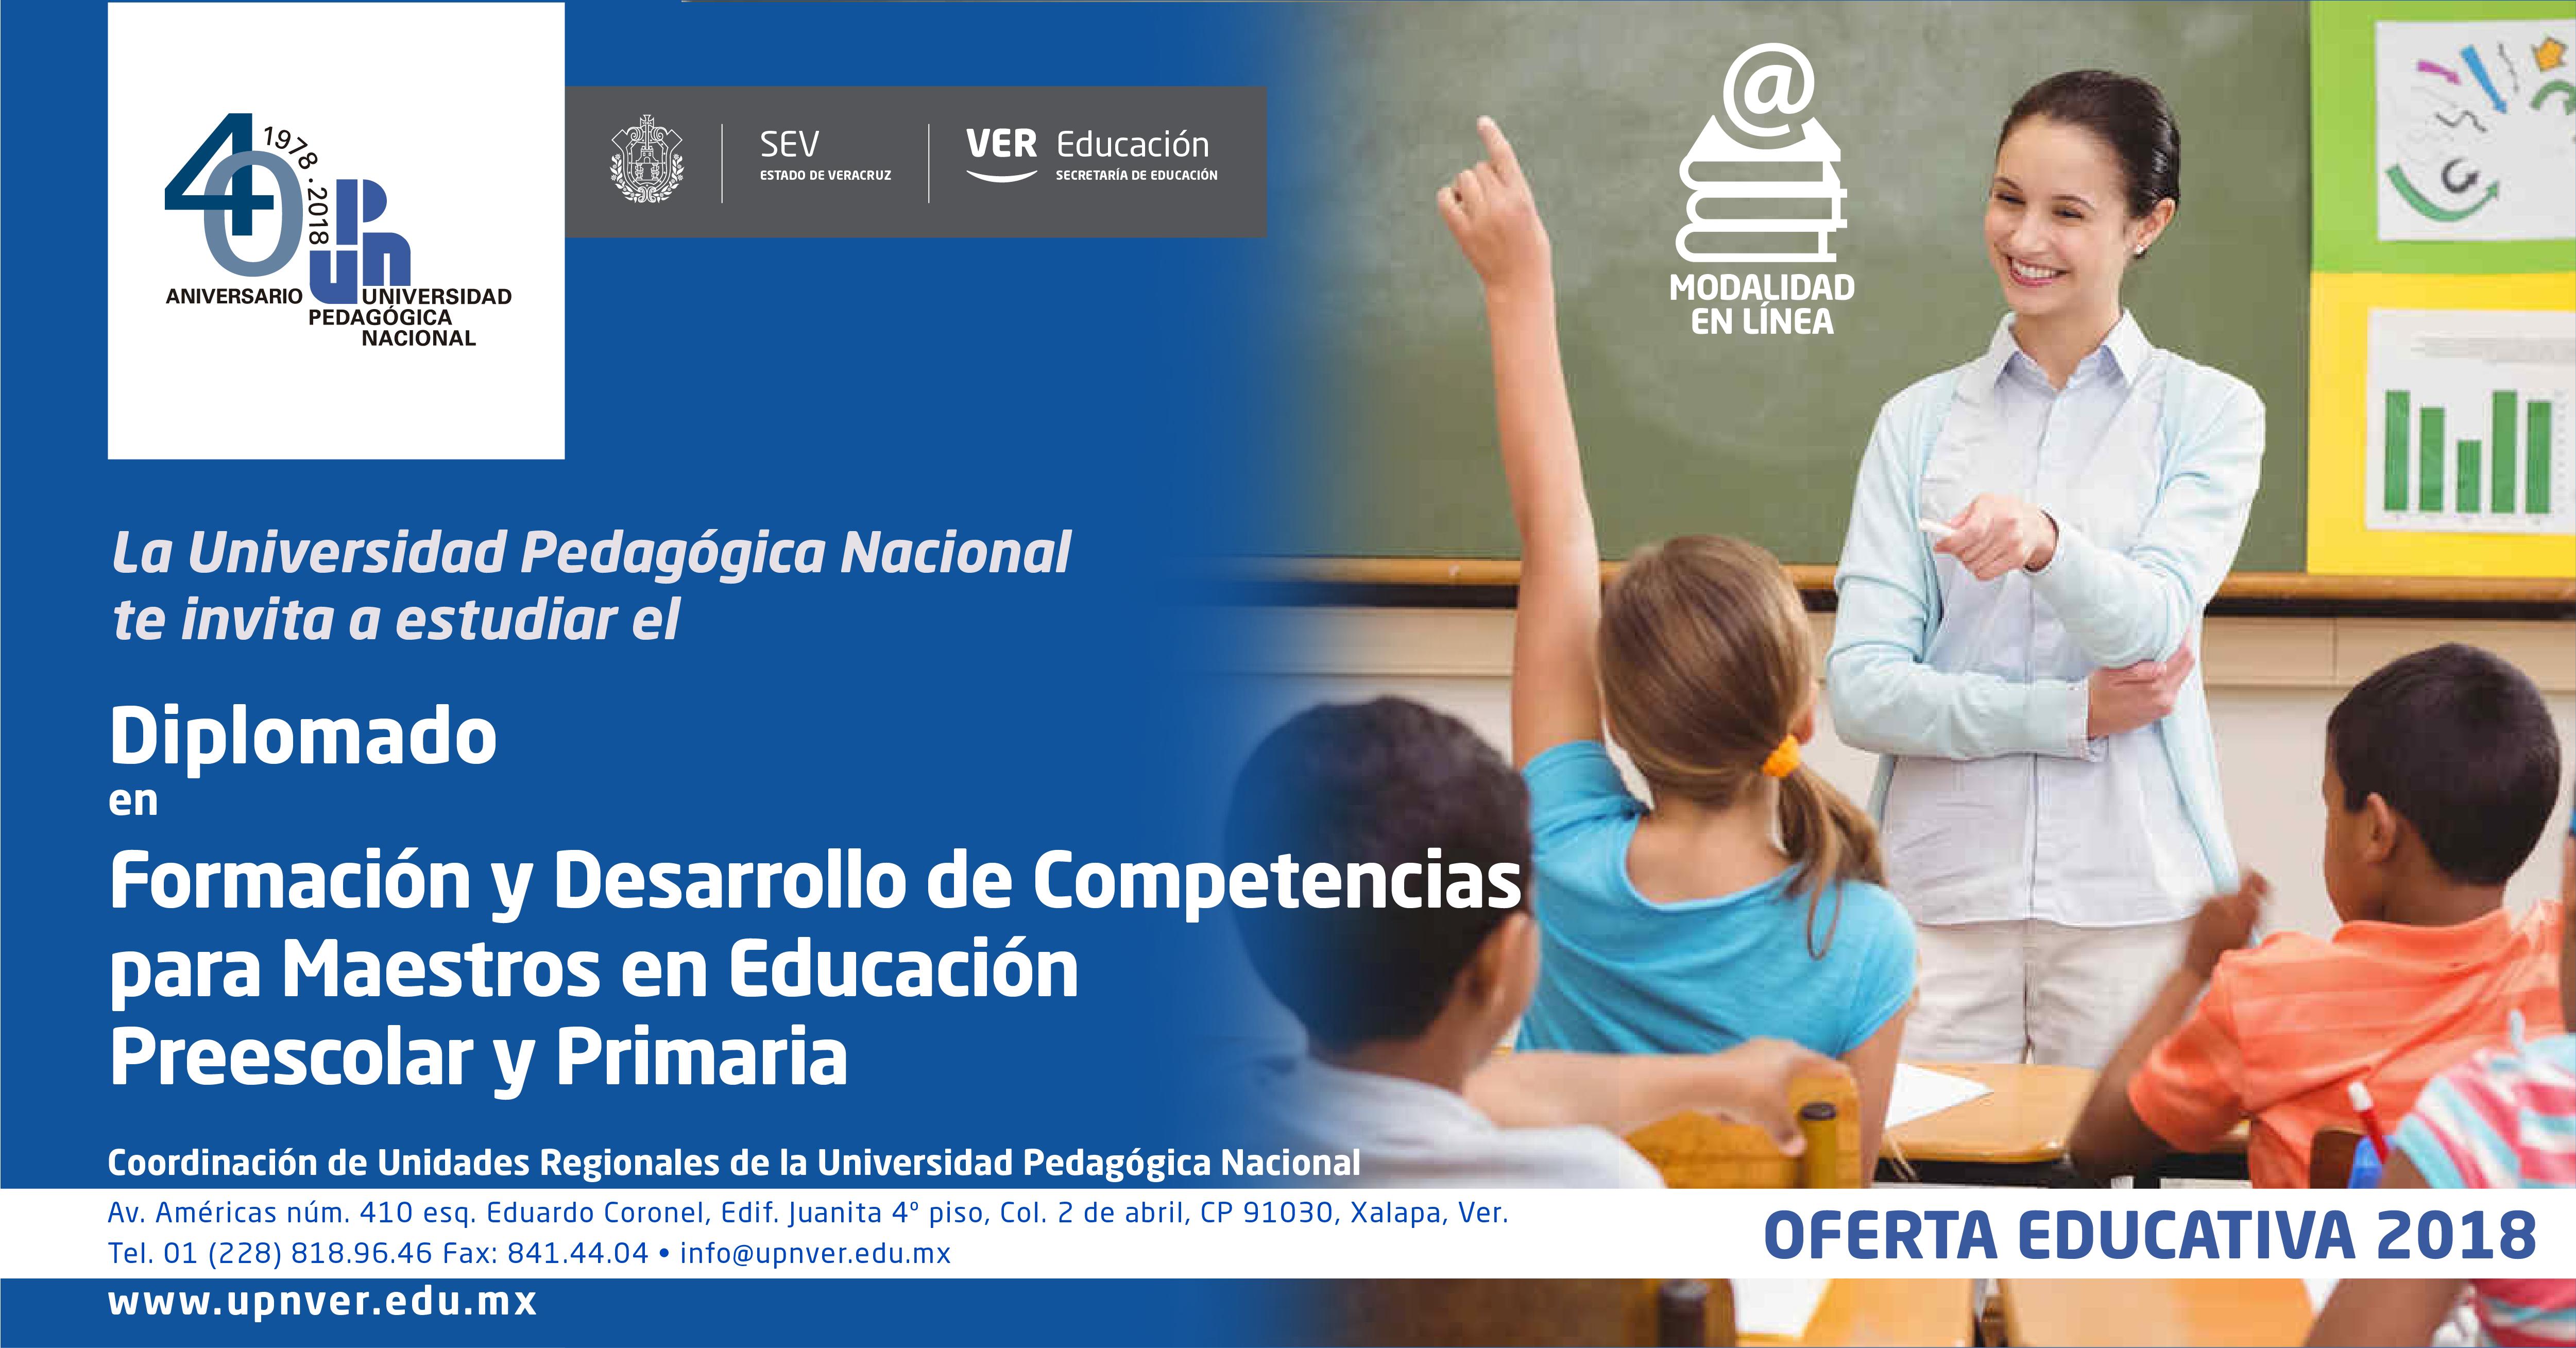 UPN_Banner_Promoción_Facebook_Diplomado